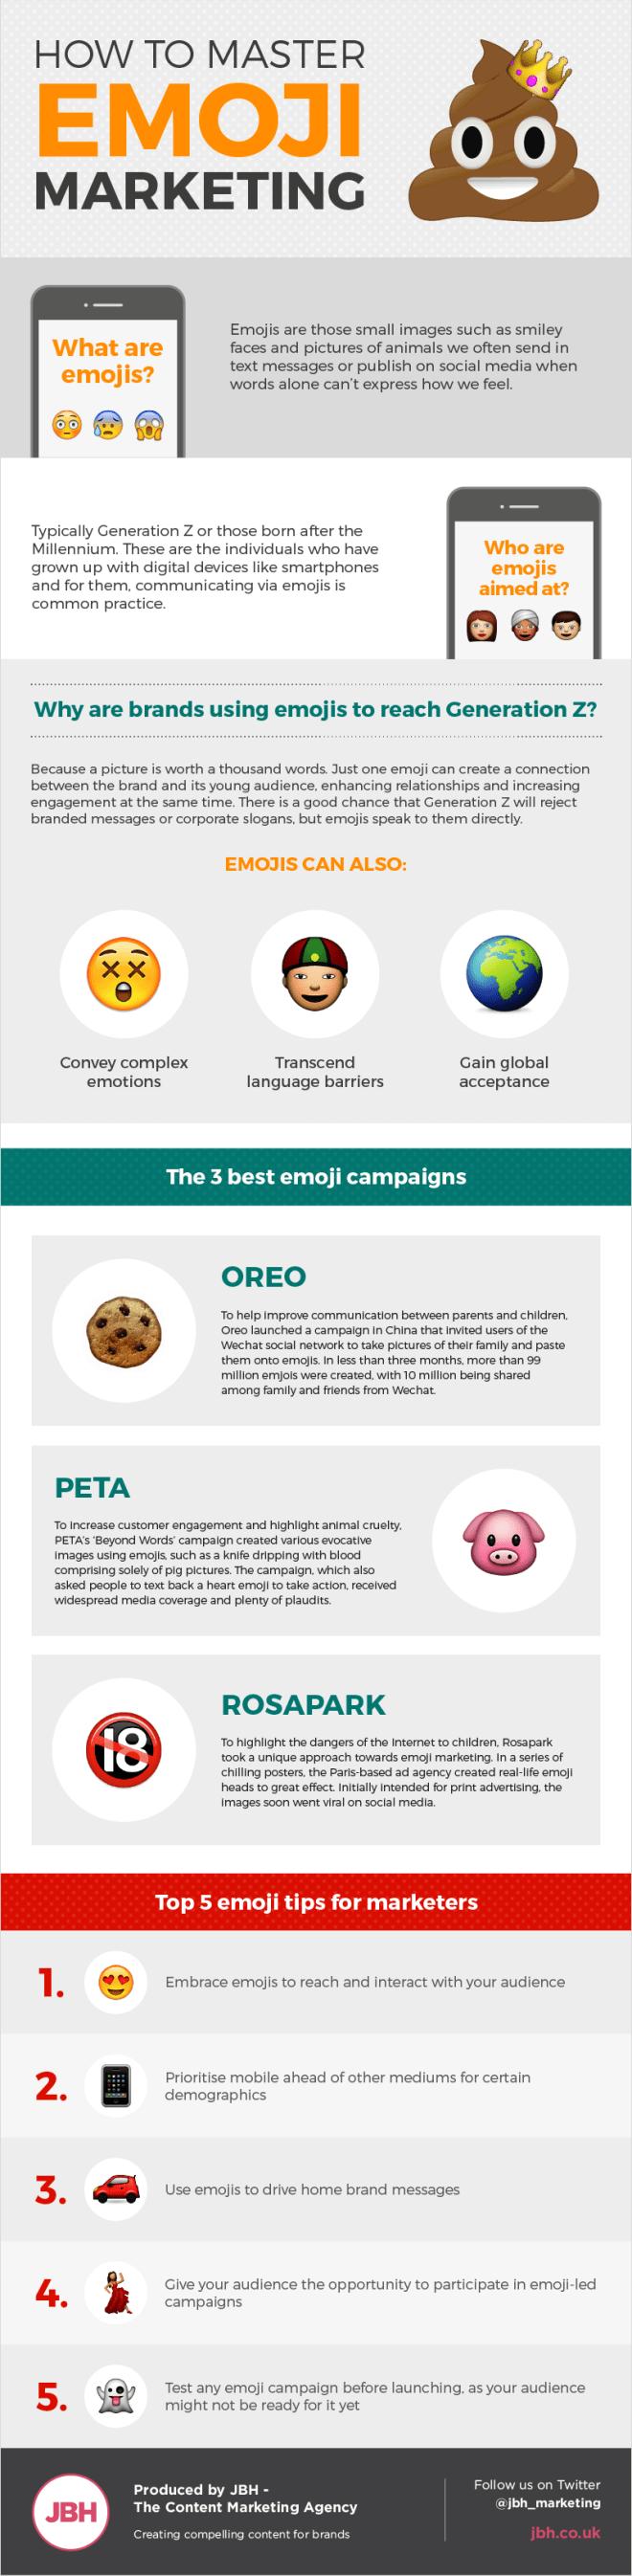 Cómo dominar el Emoji Marketing